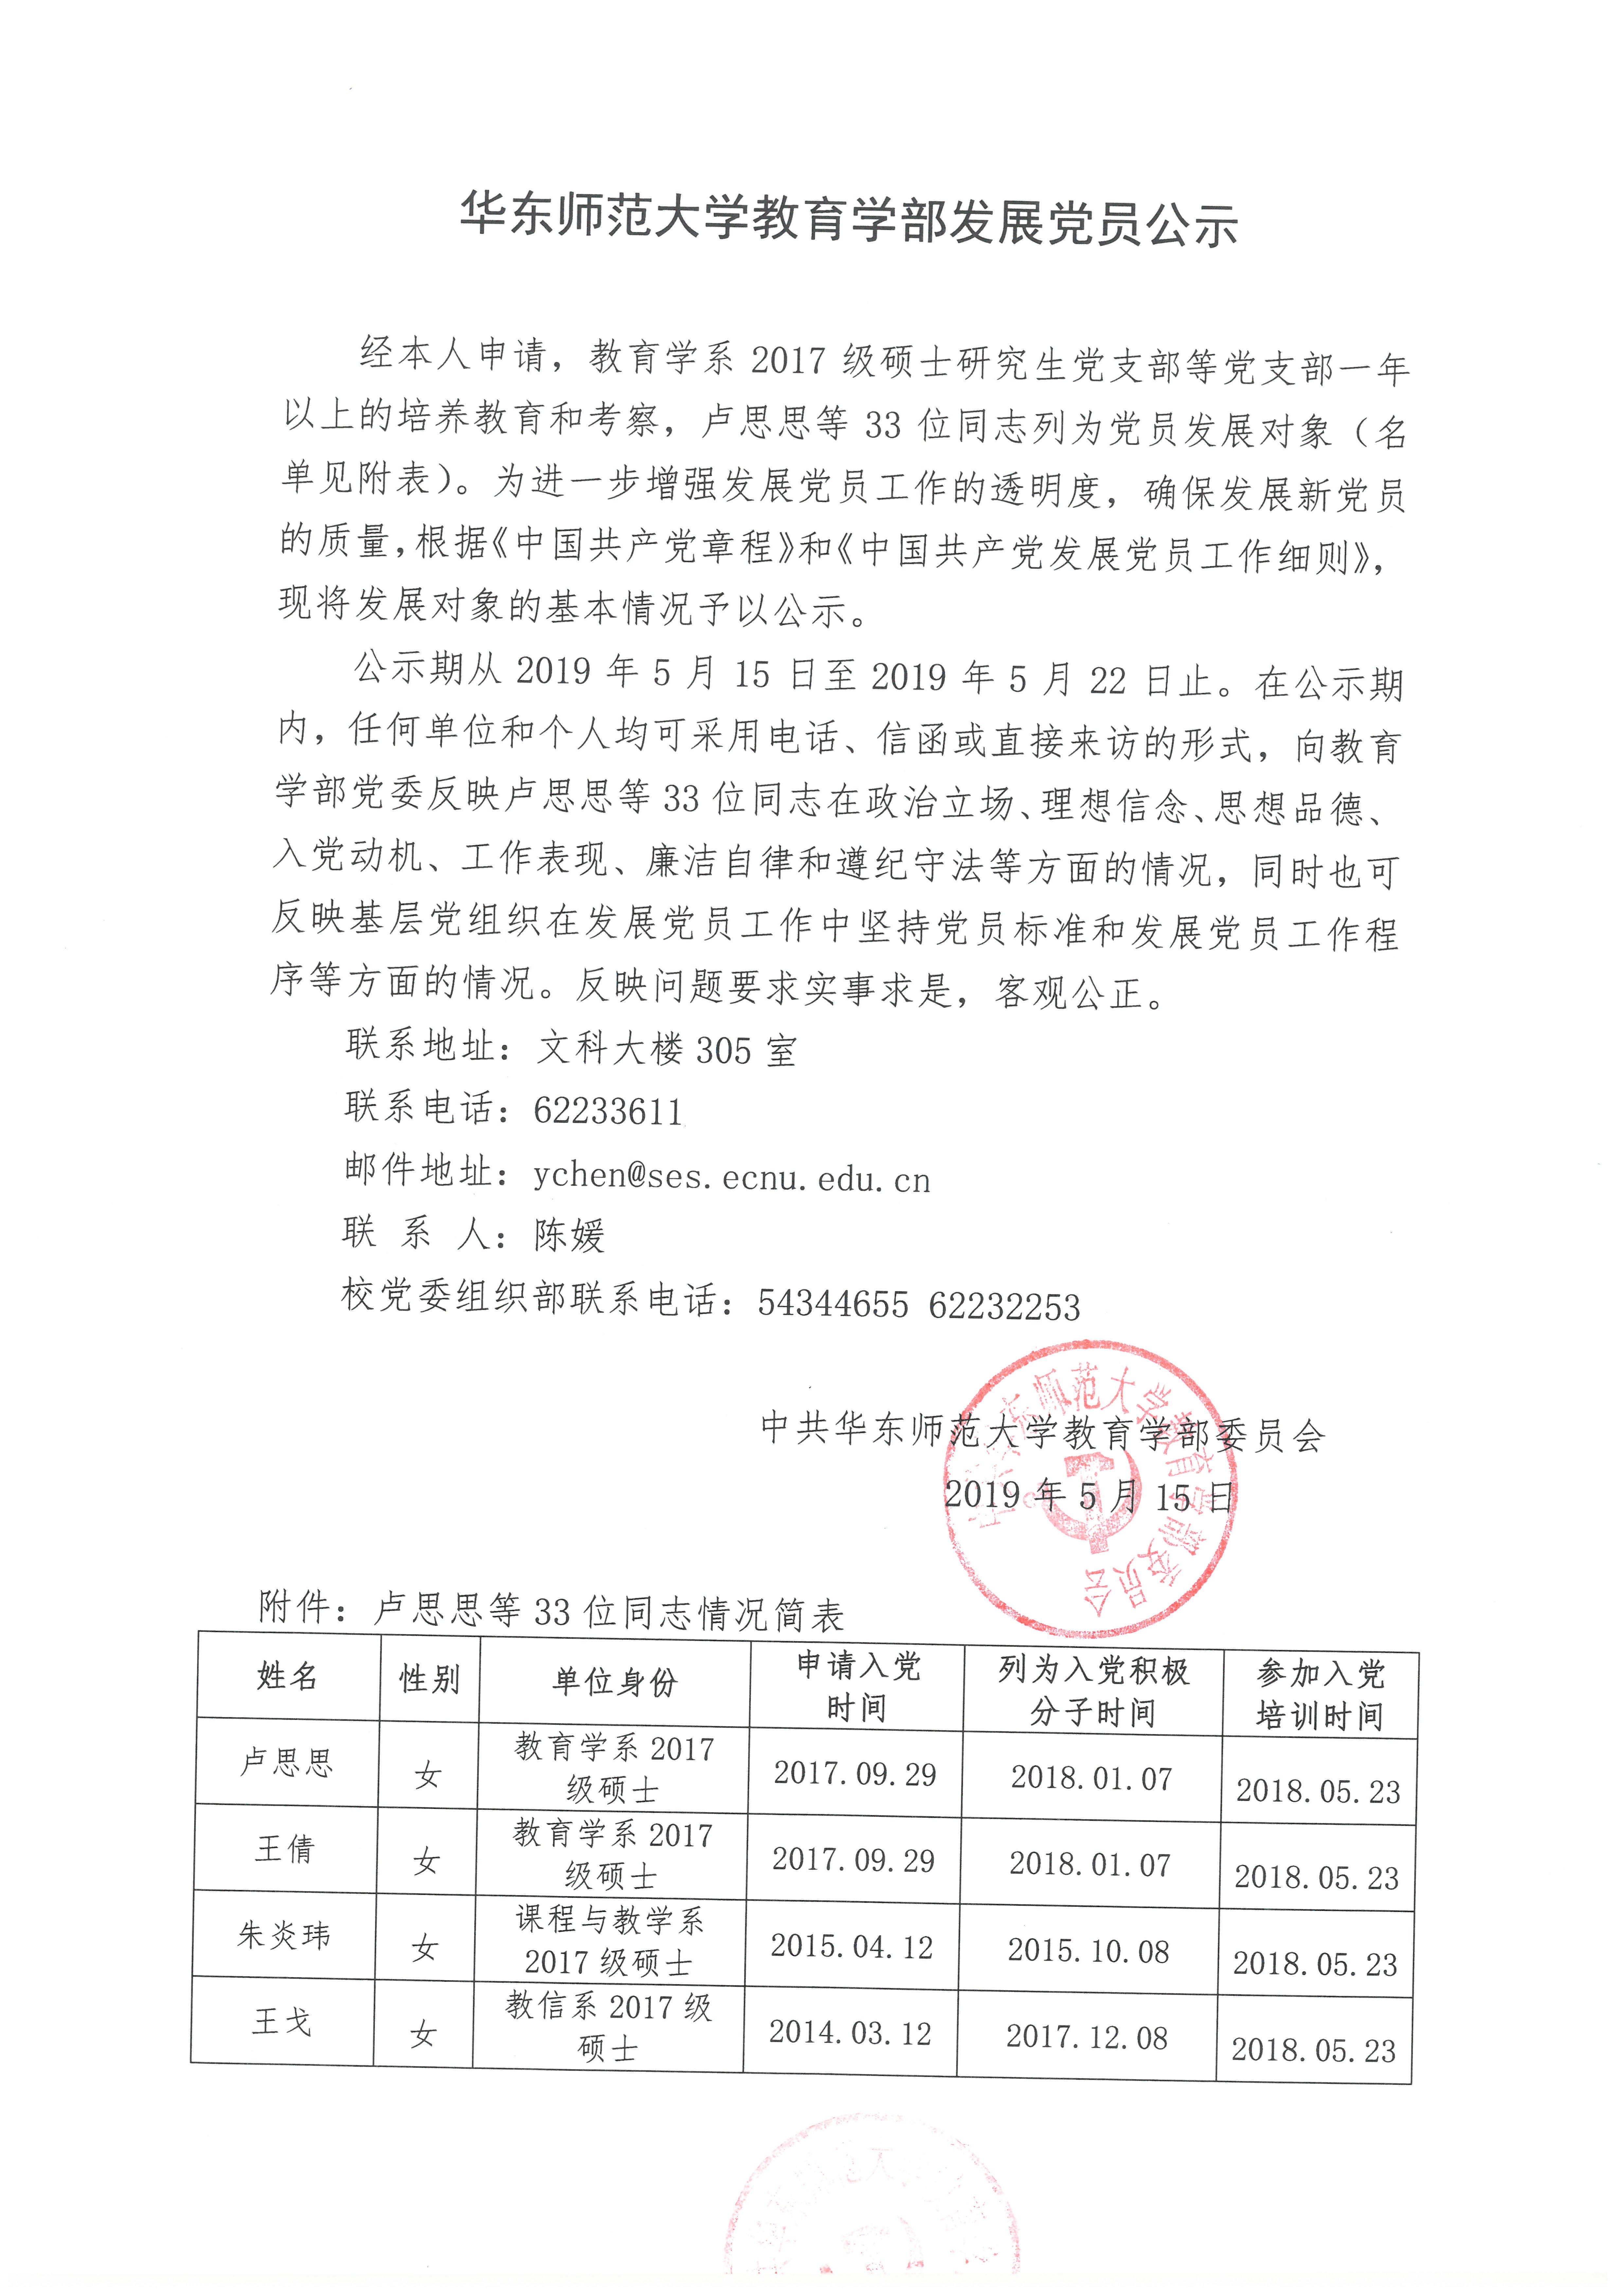 【公示】教育学部2019年5月发展学生党员公示(第一批)